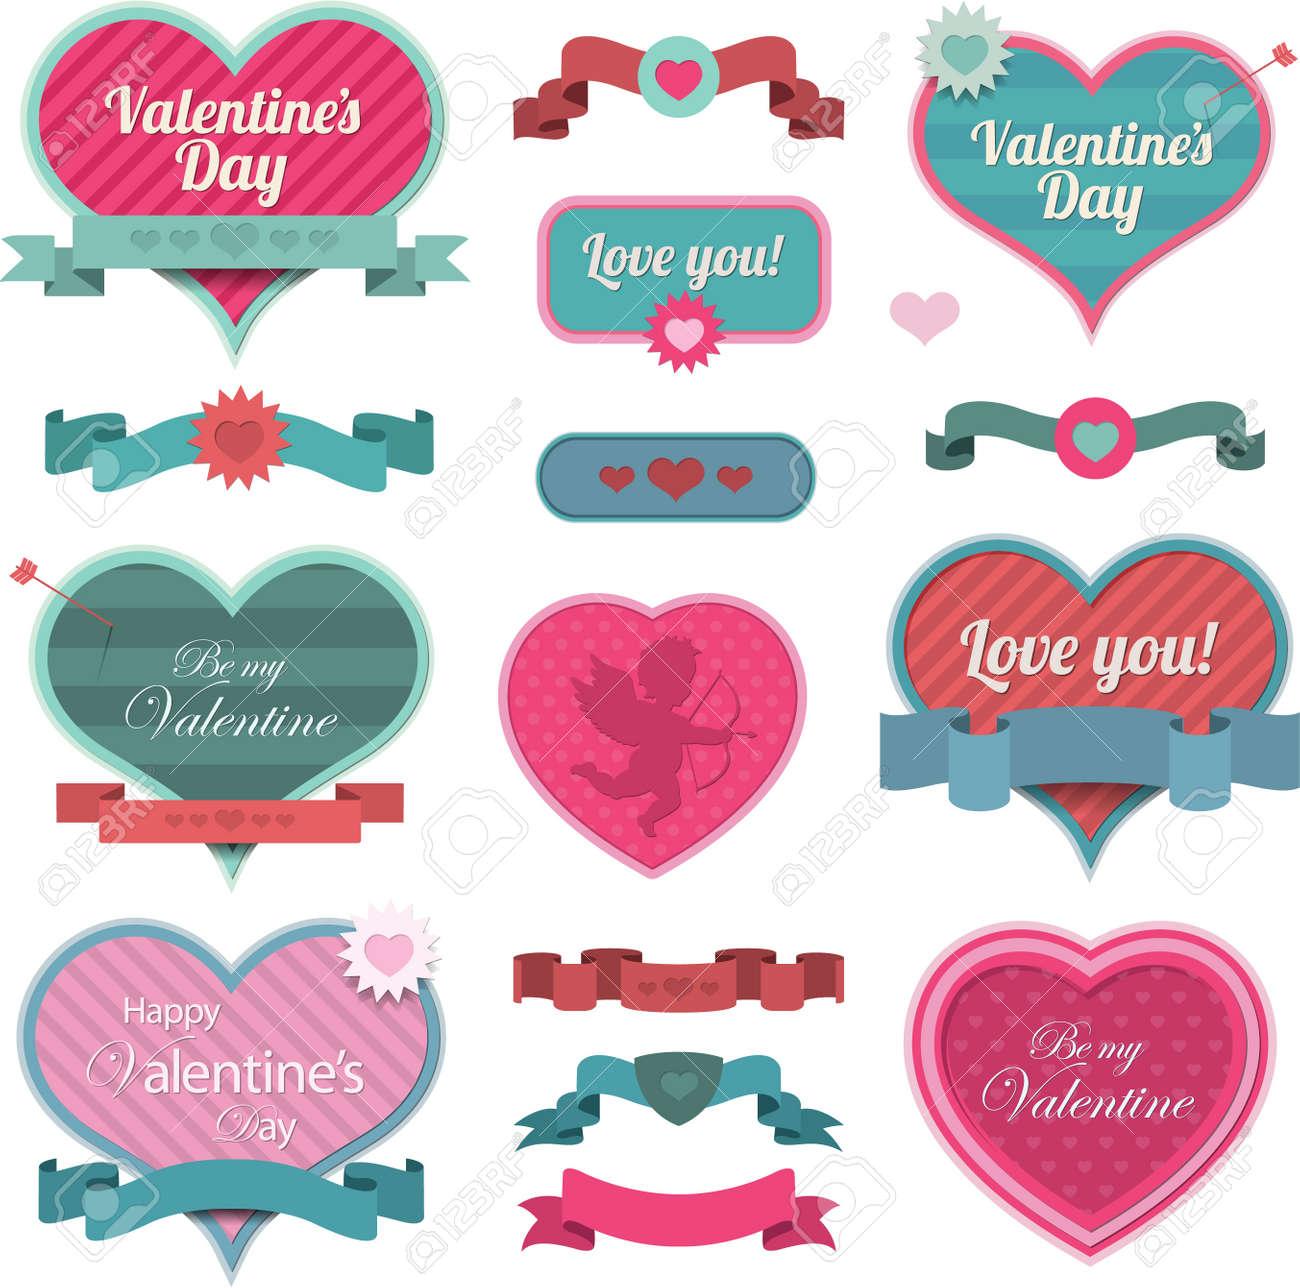 San Valentin Decoracion En Forma De Corazon Y Cintas Ilustraciones - Decoracion-san-valentin